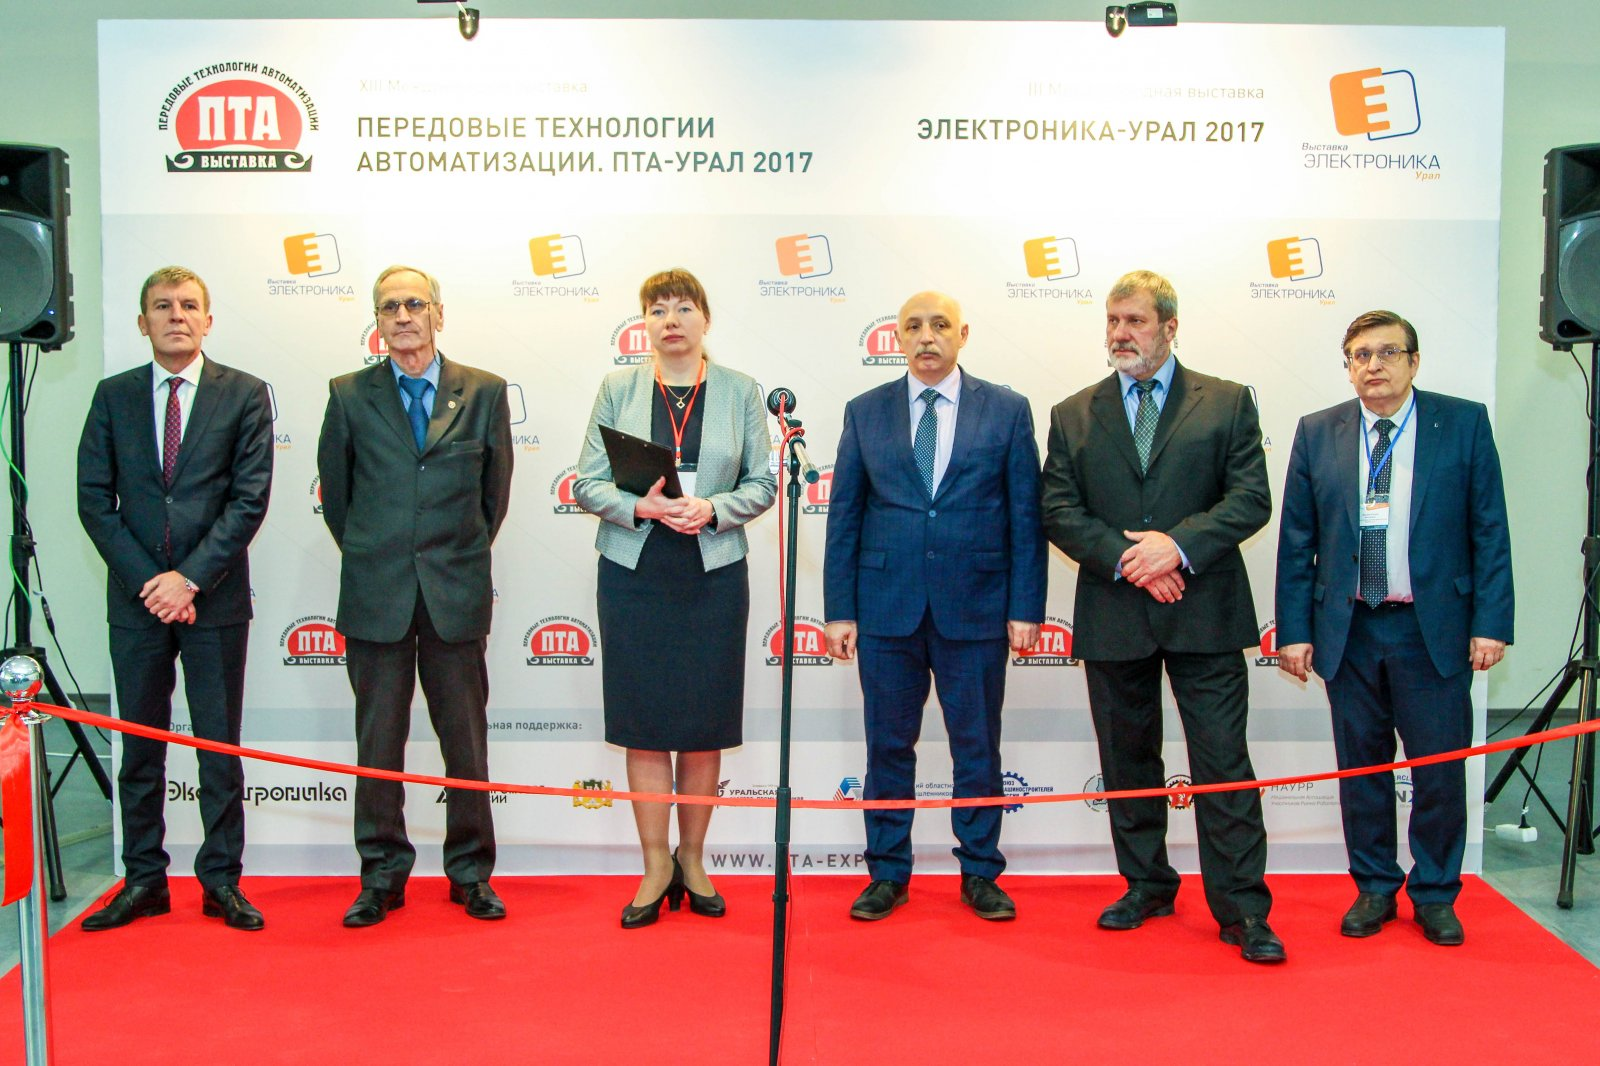 В Екатеринбурге с успехом прошли выставки «ПТА-Урал 2017» и «Электроника-Урал 2017»